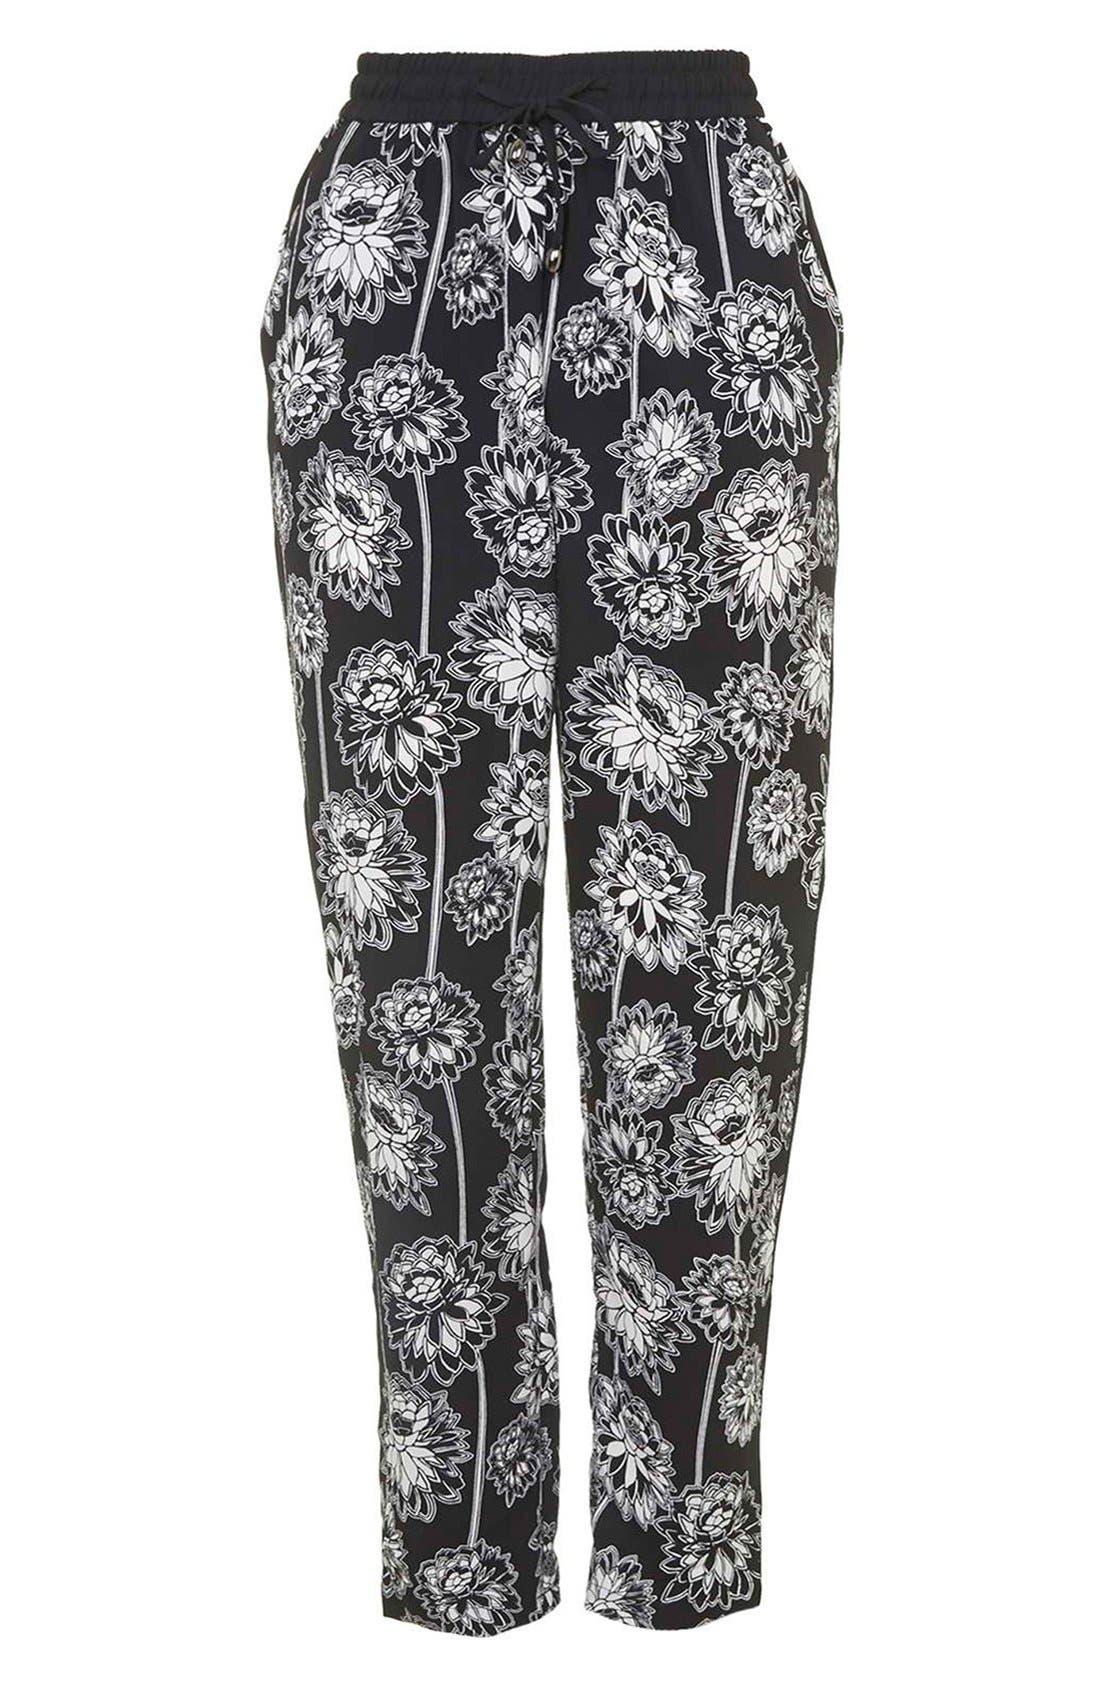 TOPSHOP, 'Shoto' Woven Floral Pants, Alternate thumbnail 4, color, 001